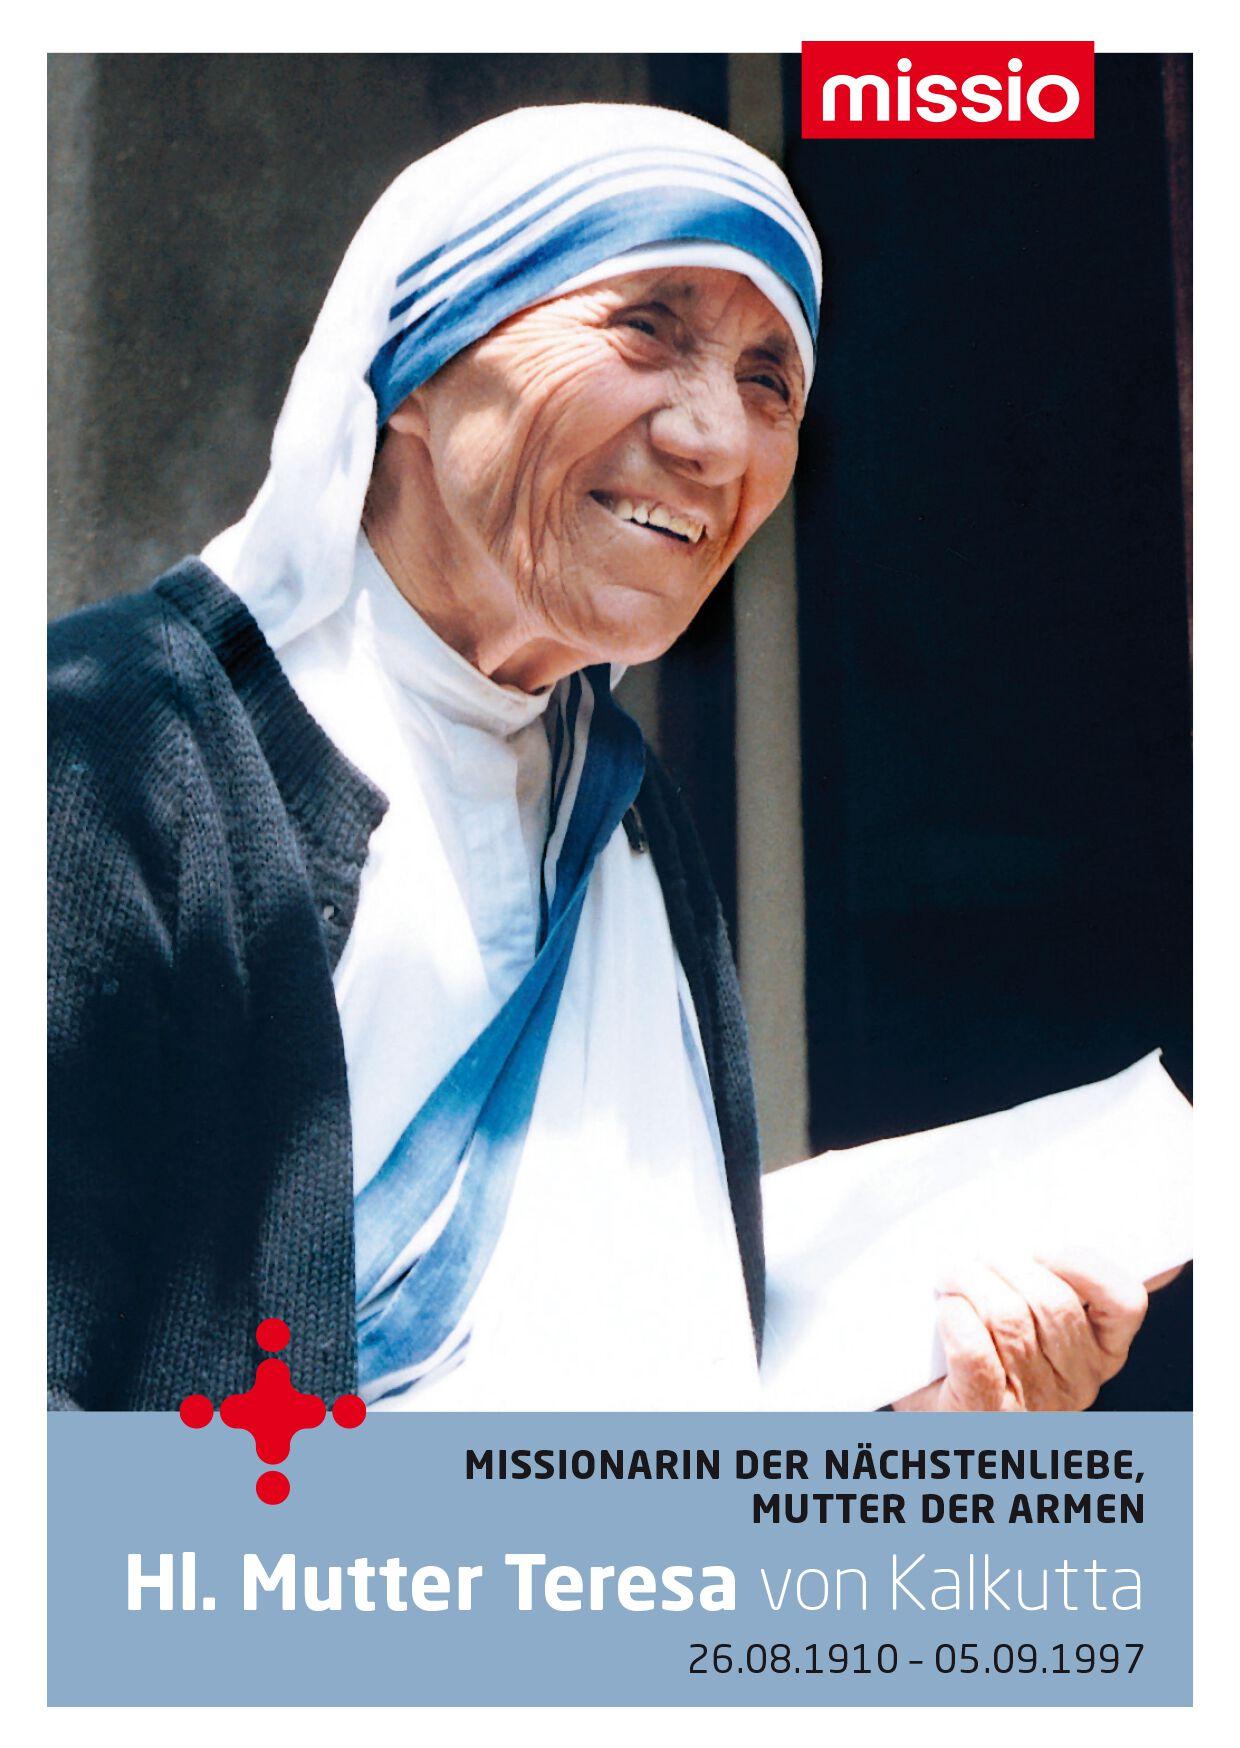 Hilfestellungen bei der Corona-Krise - Mutter Teresa